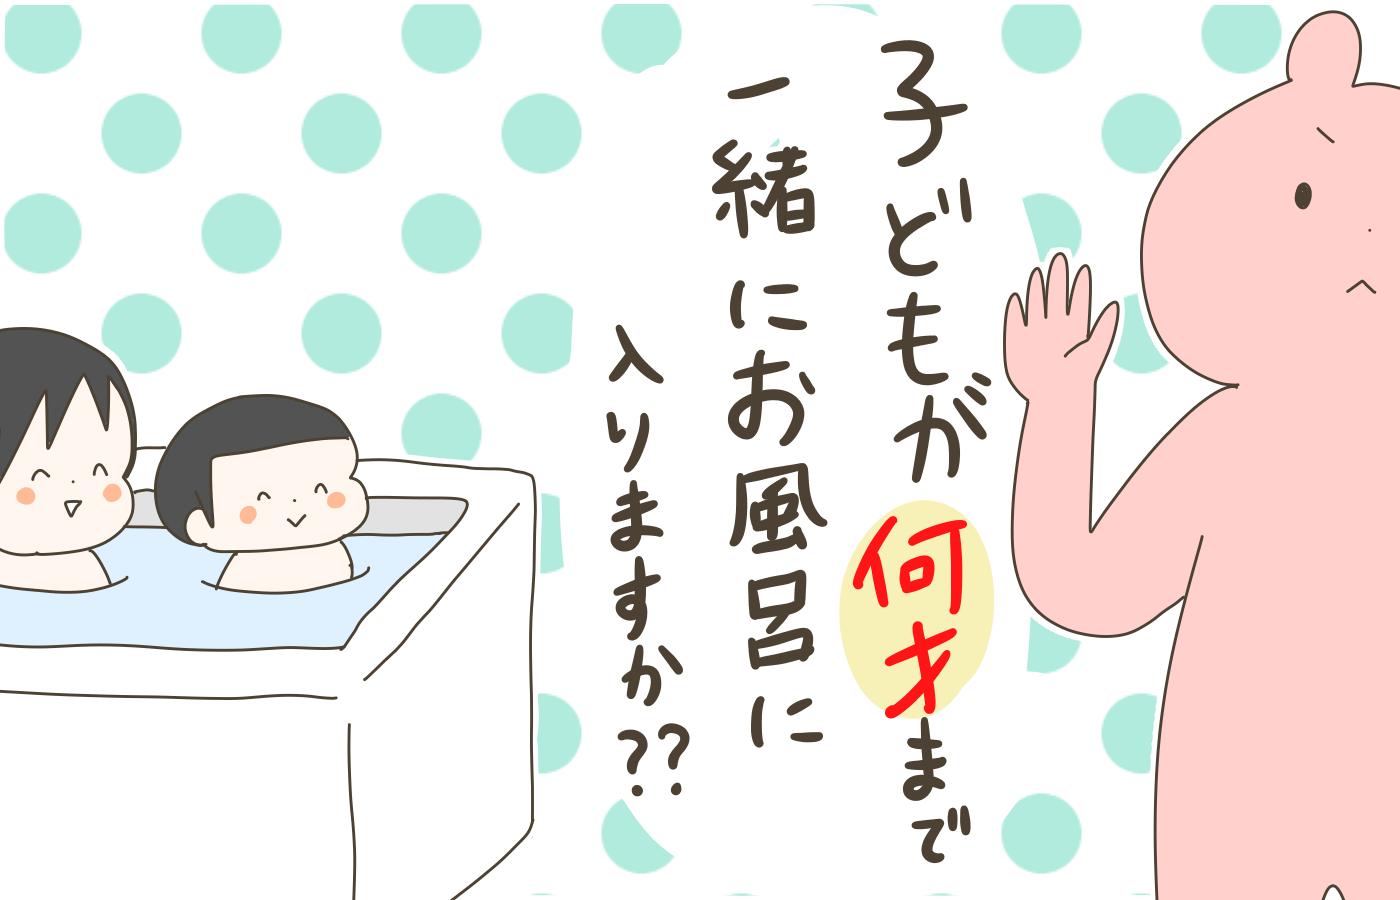 子どもと一緒にお風呂、何歳まで入る? 長男とのお風呂がなんとなく嫌になってきた